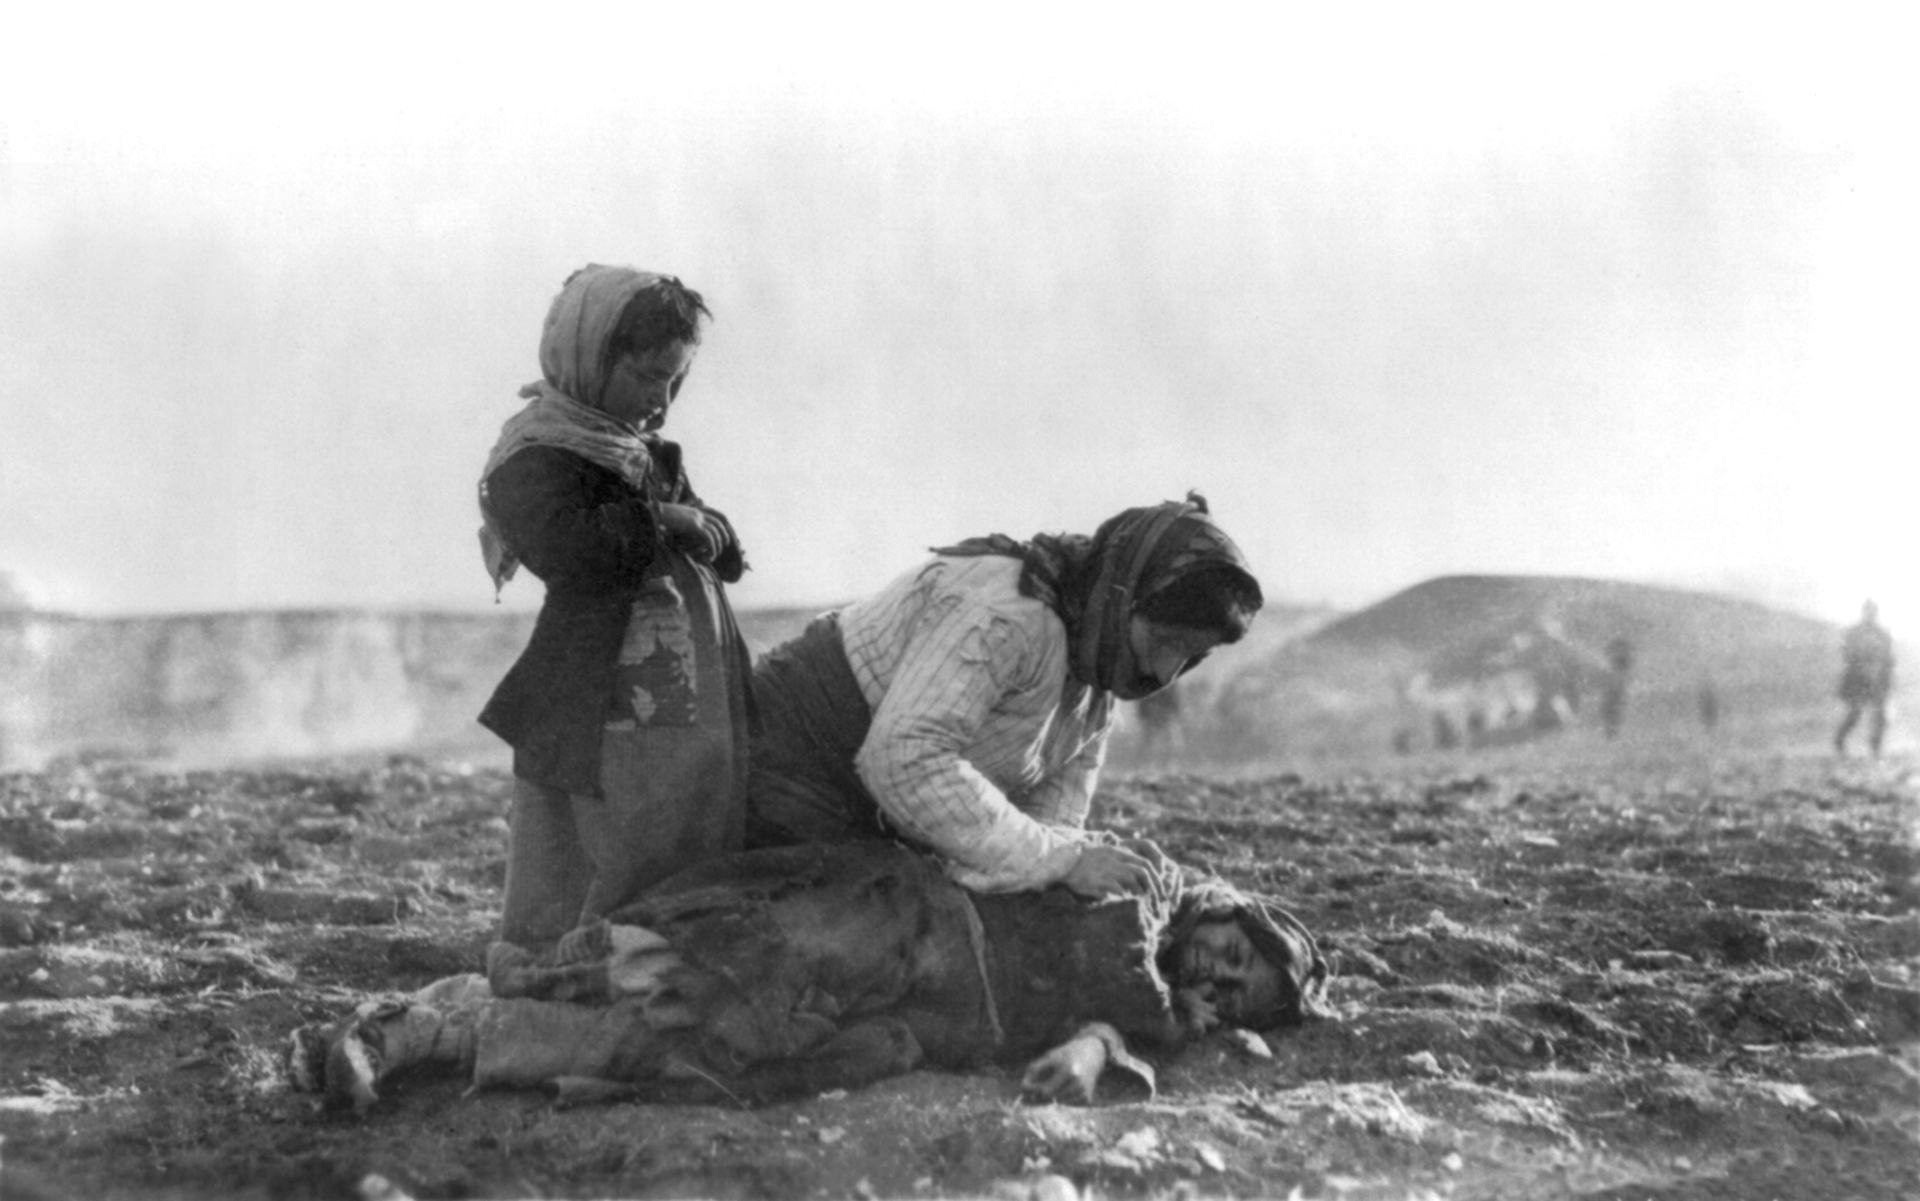 Armenian_woman_kneeling_beside_dead_child_in_field.png